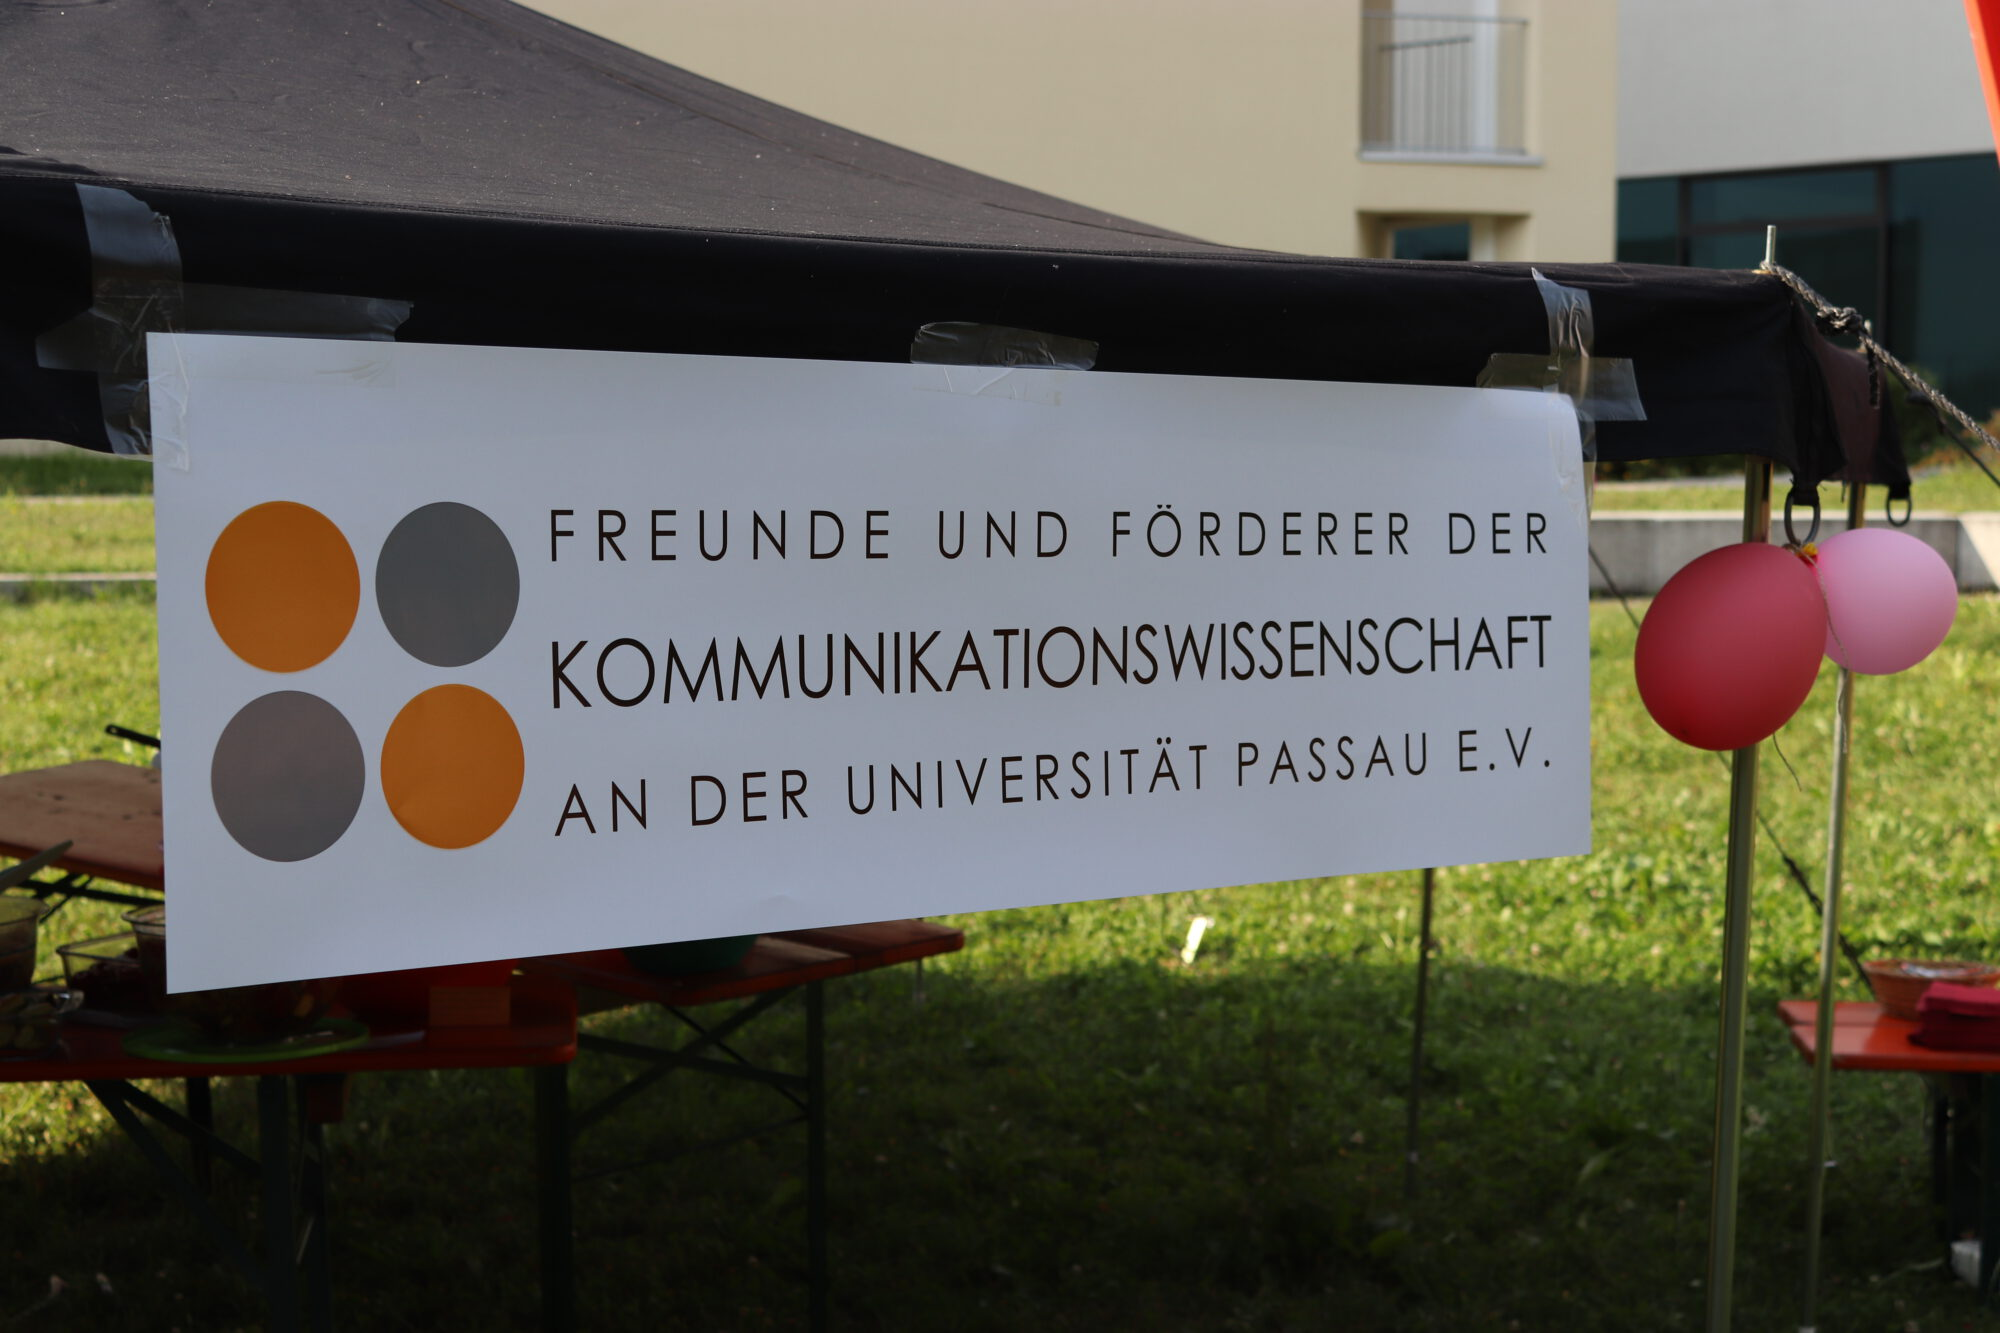 Verein der Freunde und Förderer der Kommunikationswissenschaft an der Universität Passau e.V.